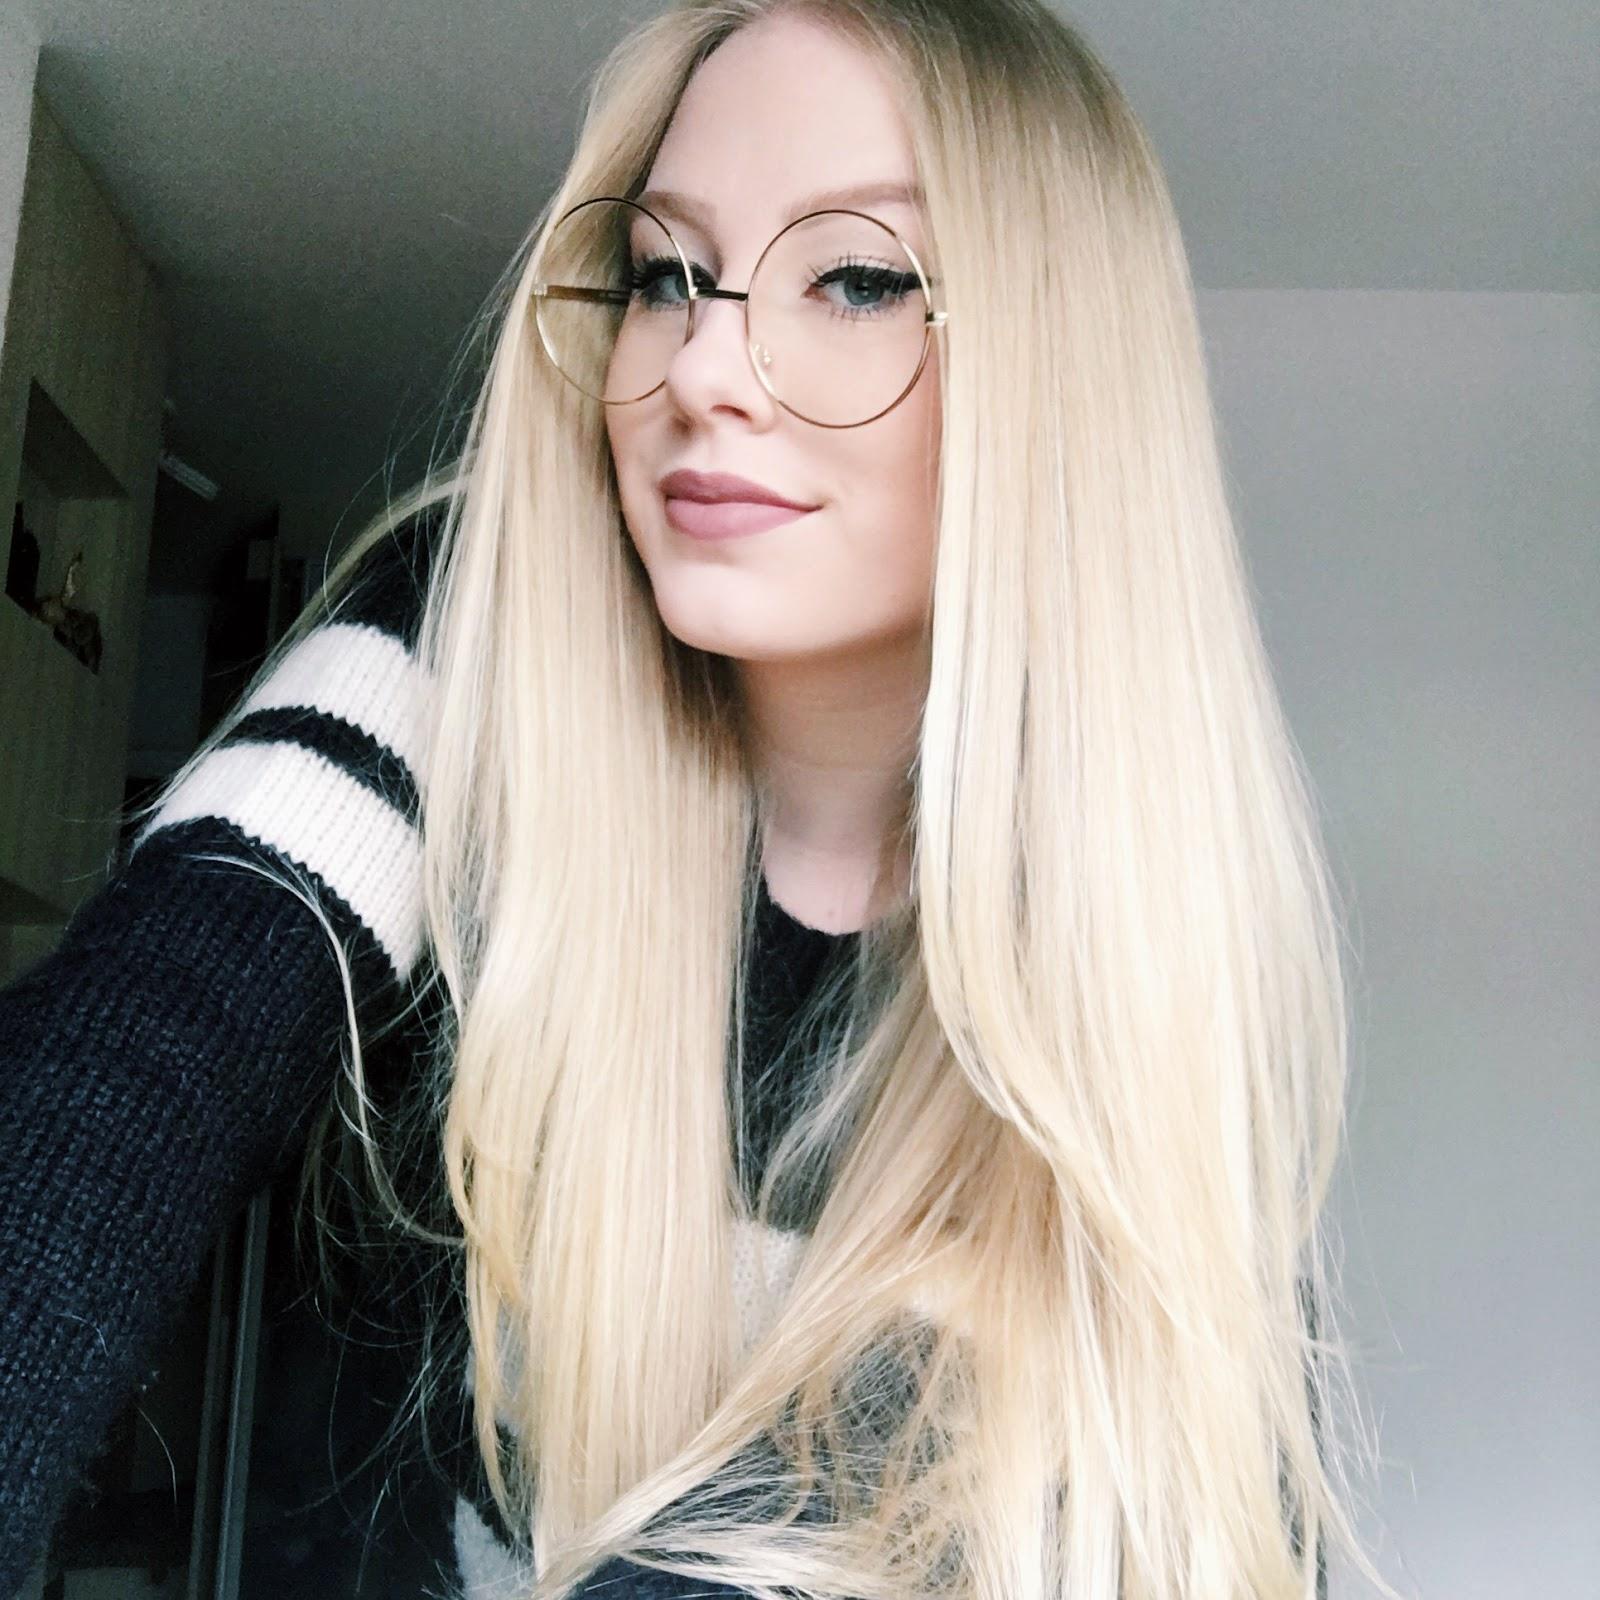 e155d1e089452 Eu tenho um rosto bem grande e largo, portanto tenho uma facilidade bem  grande em encontrar óculos que se encaixem em mim, eles precisam seguir  apenas um ...